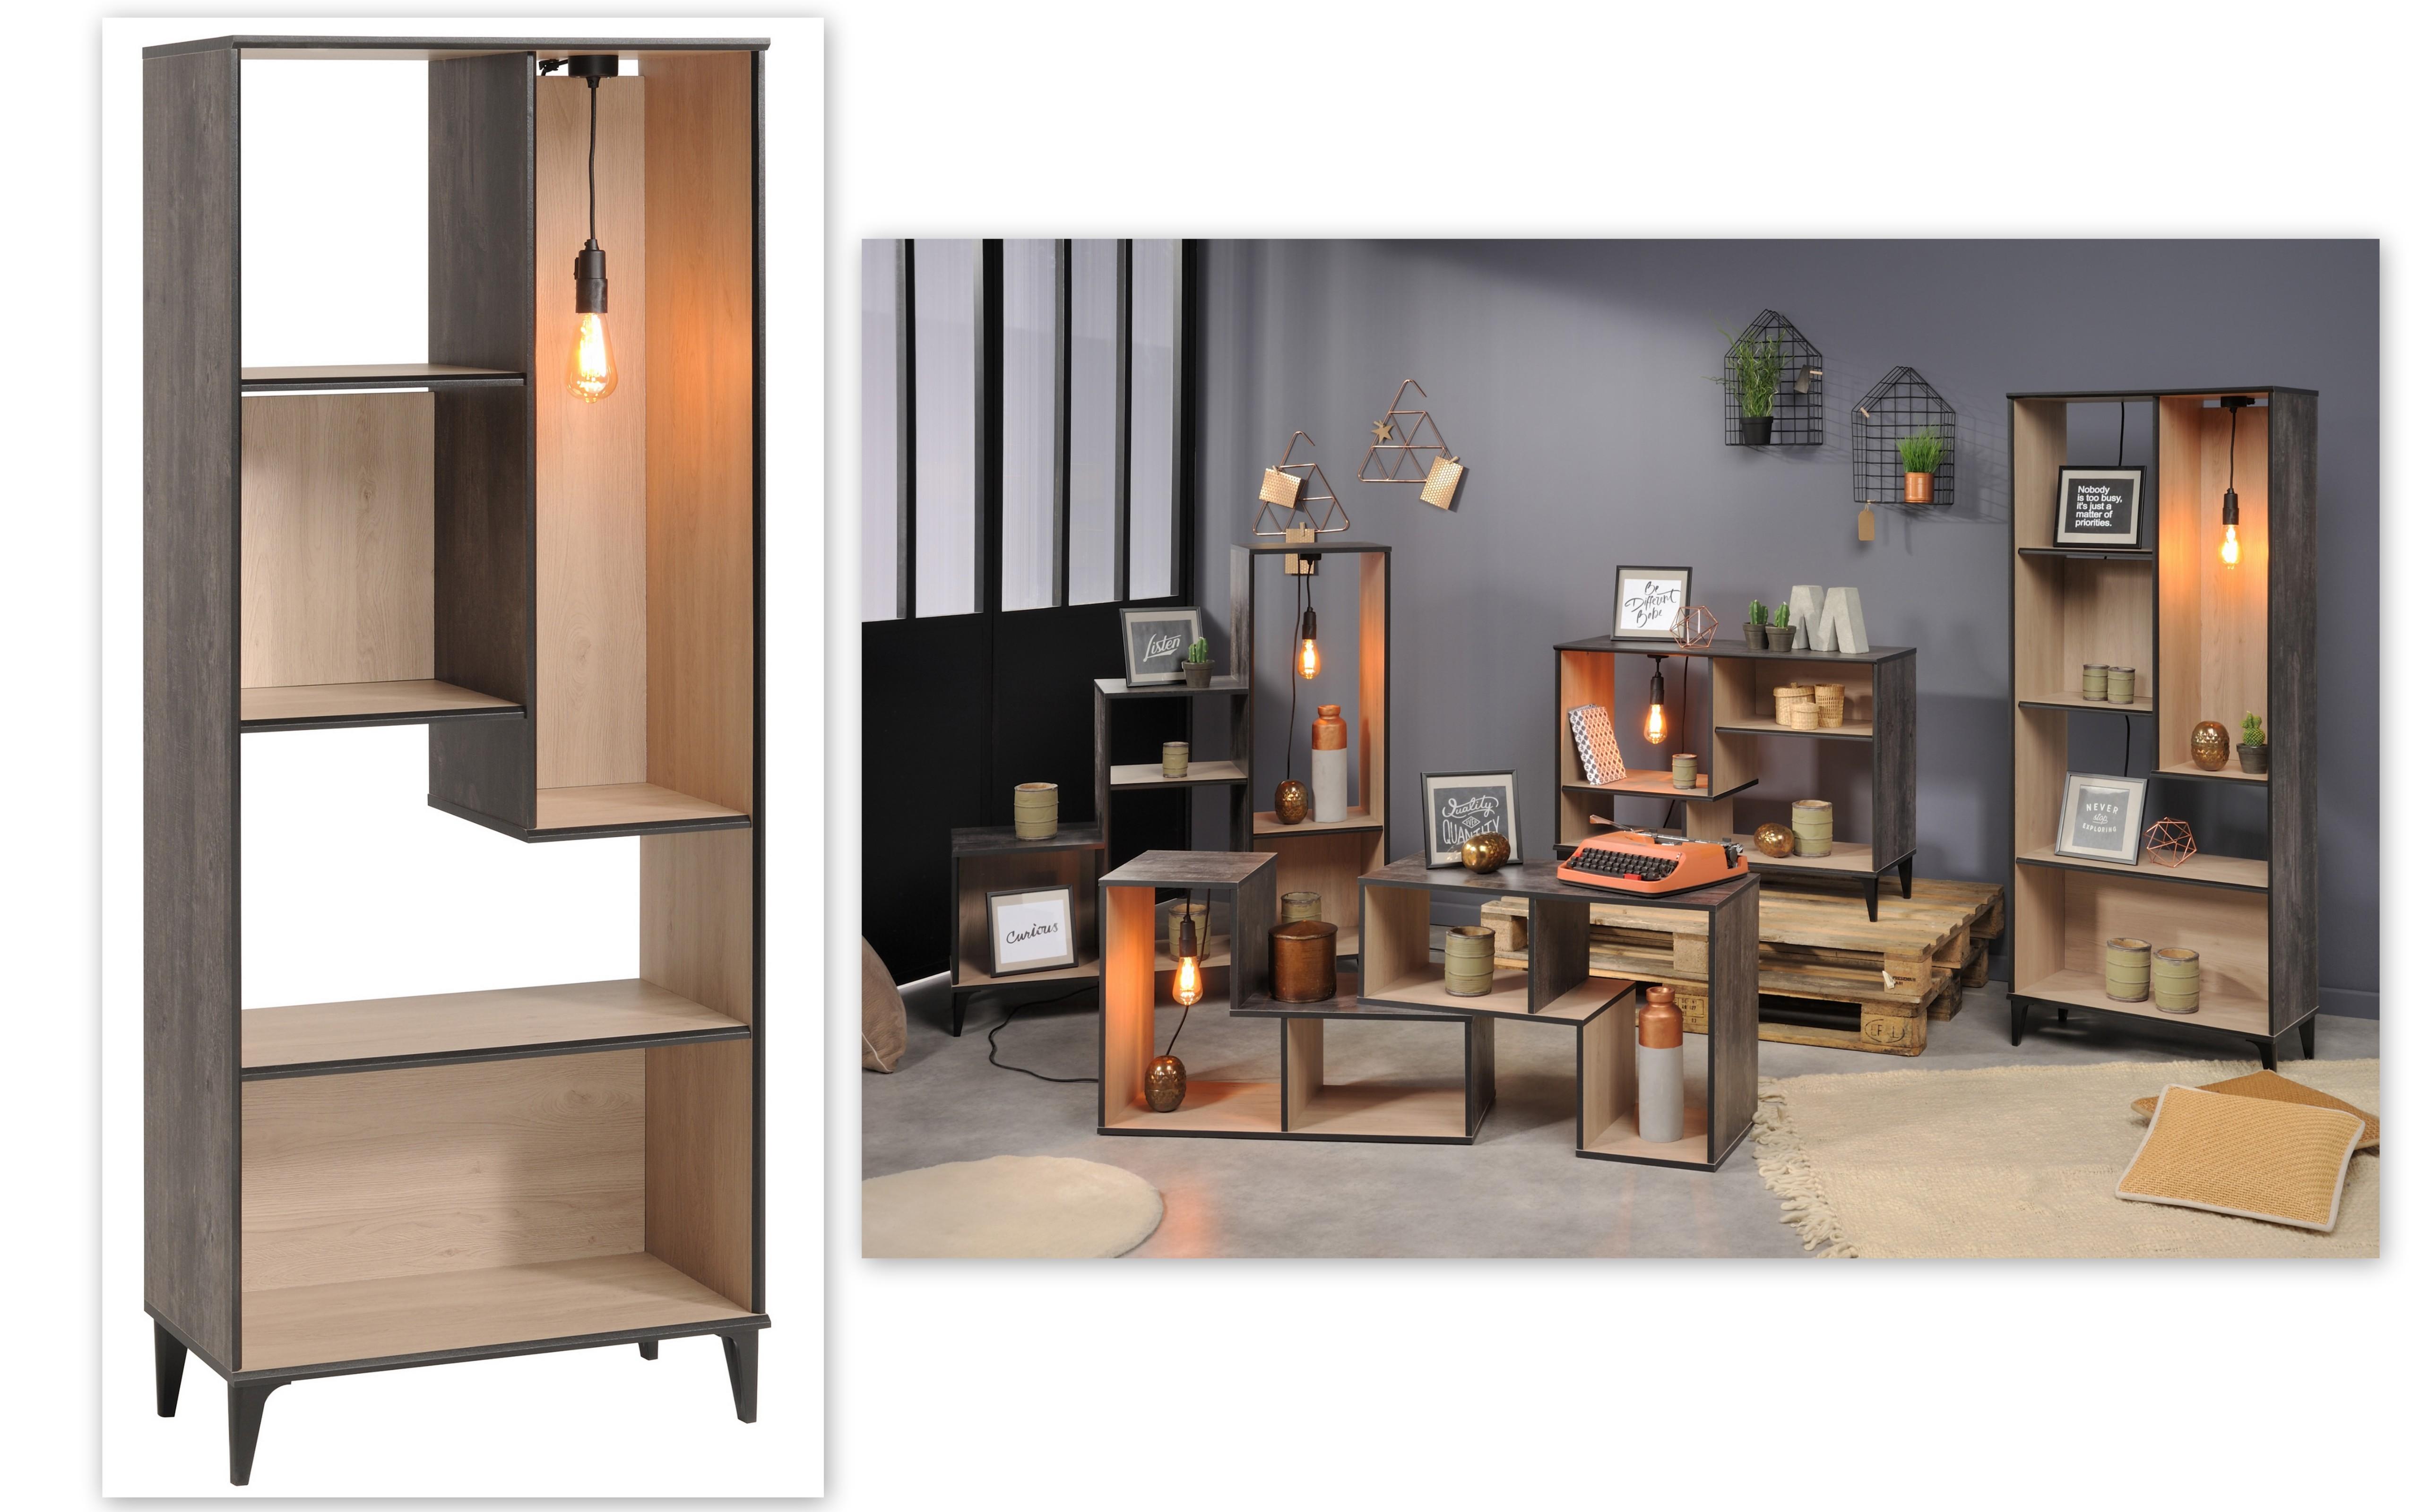 regal inkl beleuchtung im vintage look edison 5 von parisot brooklyn eiche gebrannte kiefer. Black Bedroom Furniture Sets. Home Design Ideas